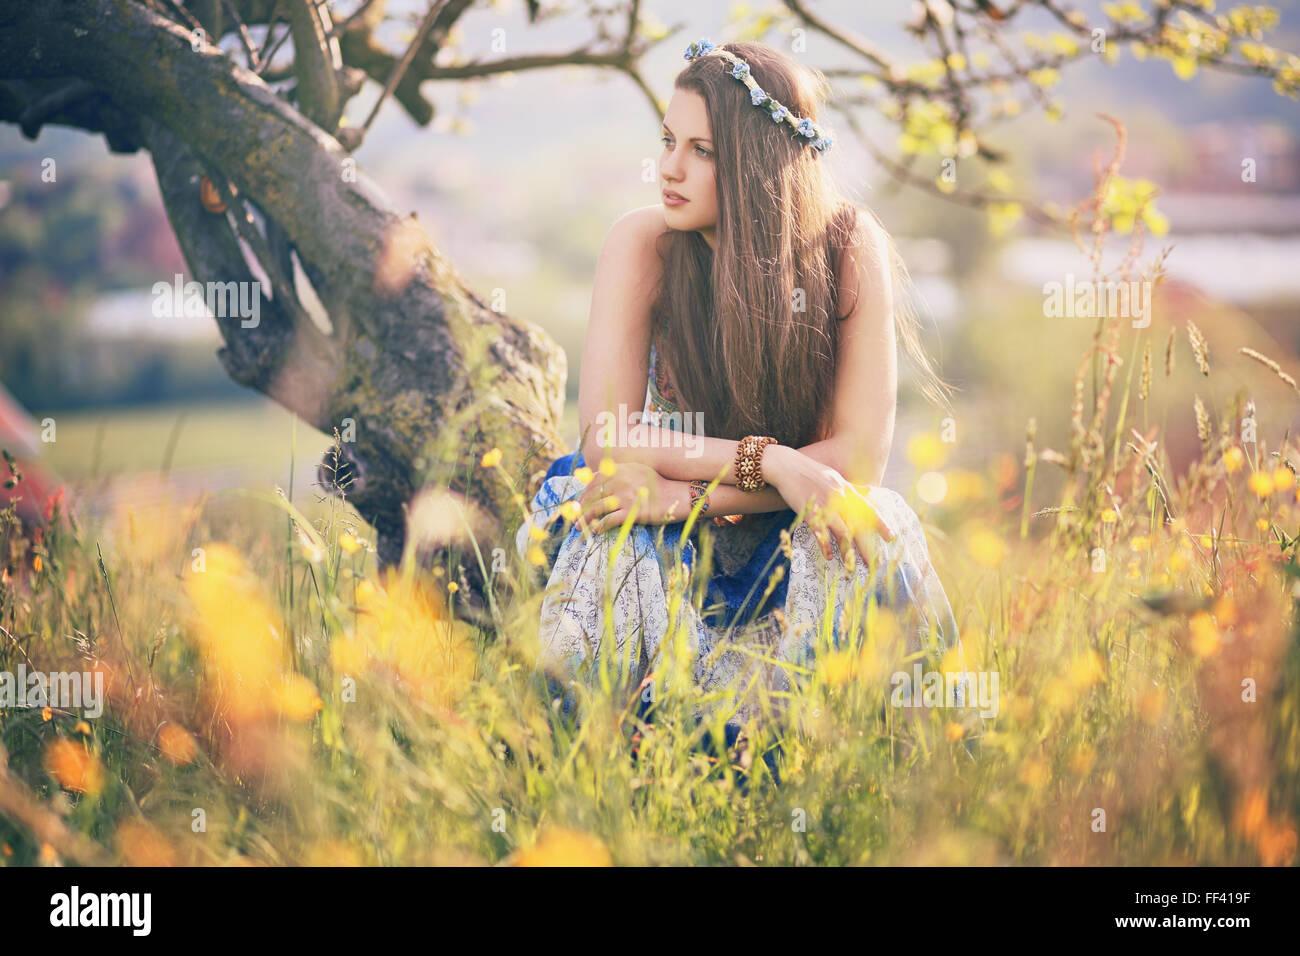 Wunderschöne Hippie-Frau mit Sommerblumen. Frieden und Harmonie Stockbild